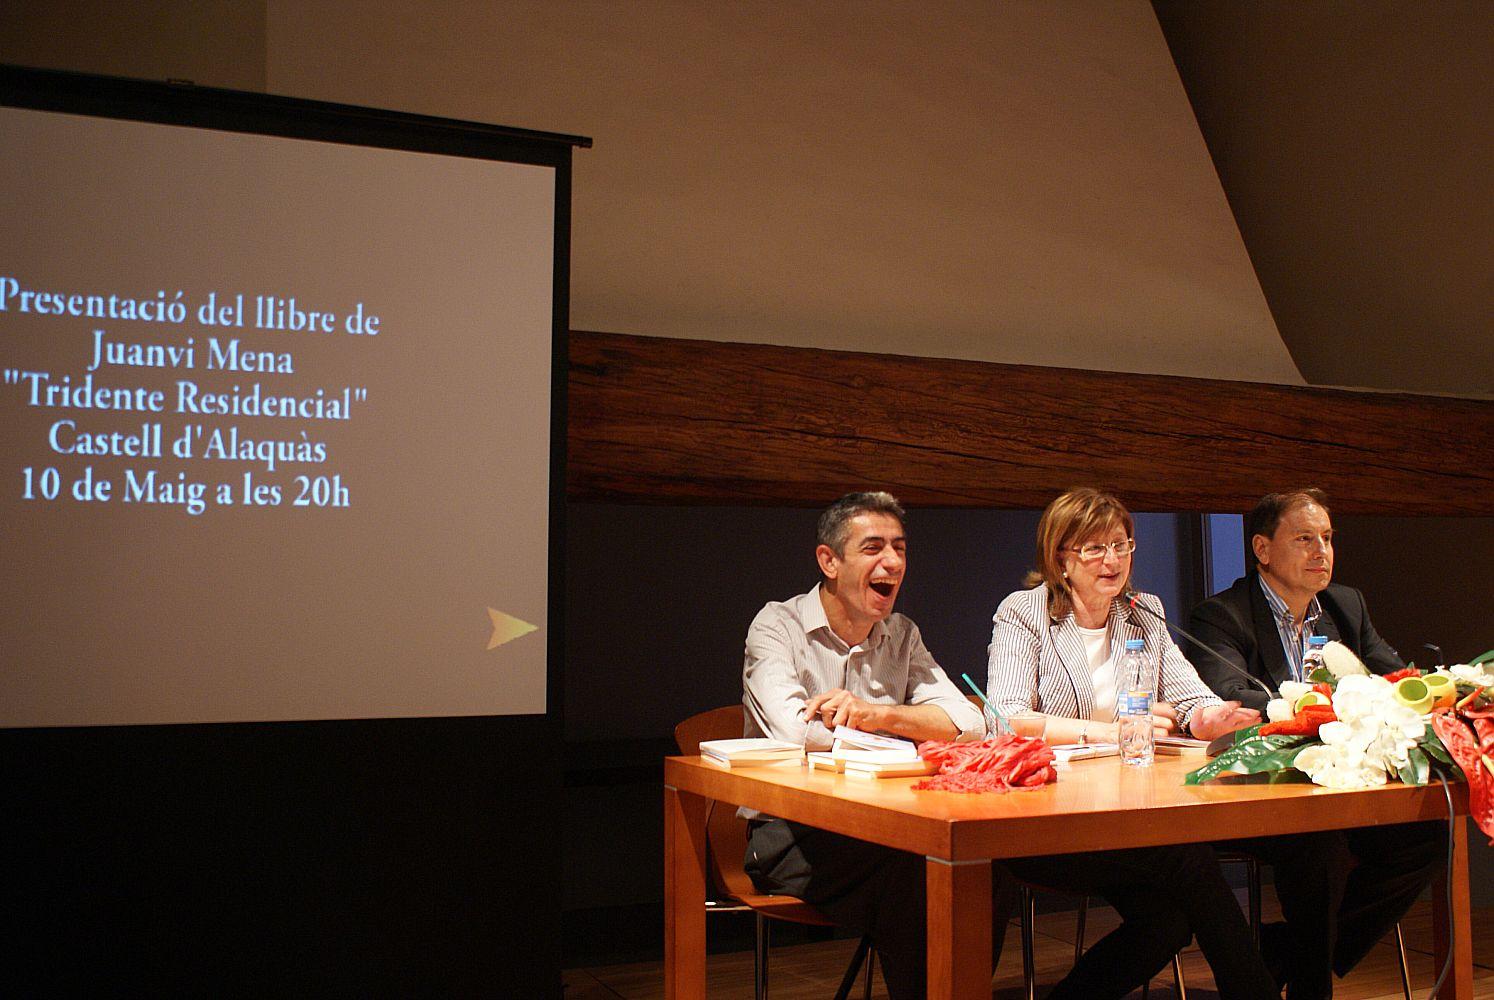 Ajuntament d 39 alaqu s prensa el escritor juanvi mena presenta en alaqu s - Trabajo en alaquas ...